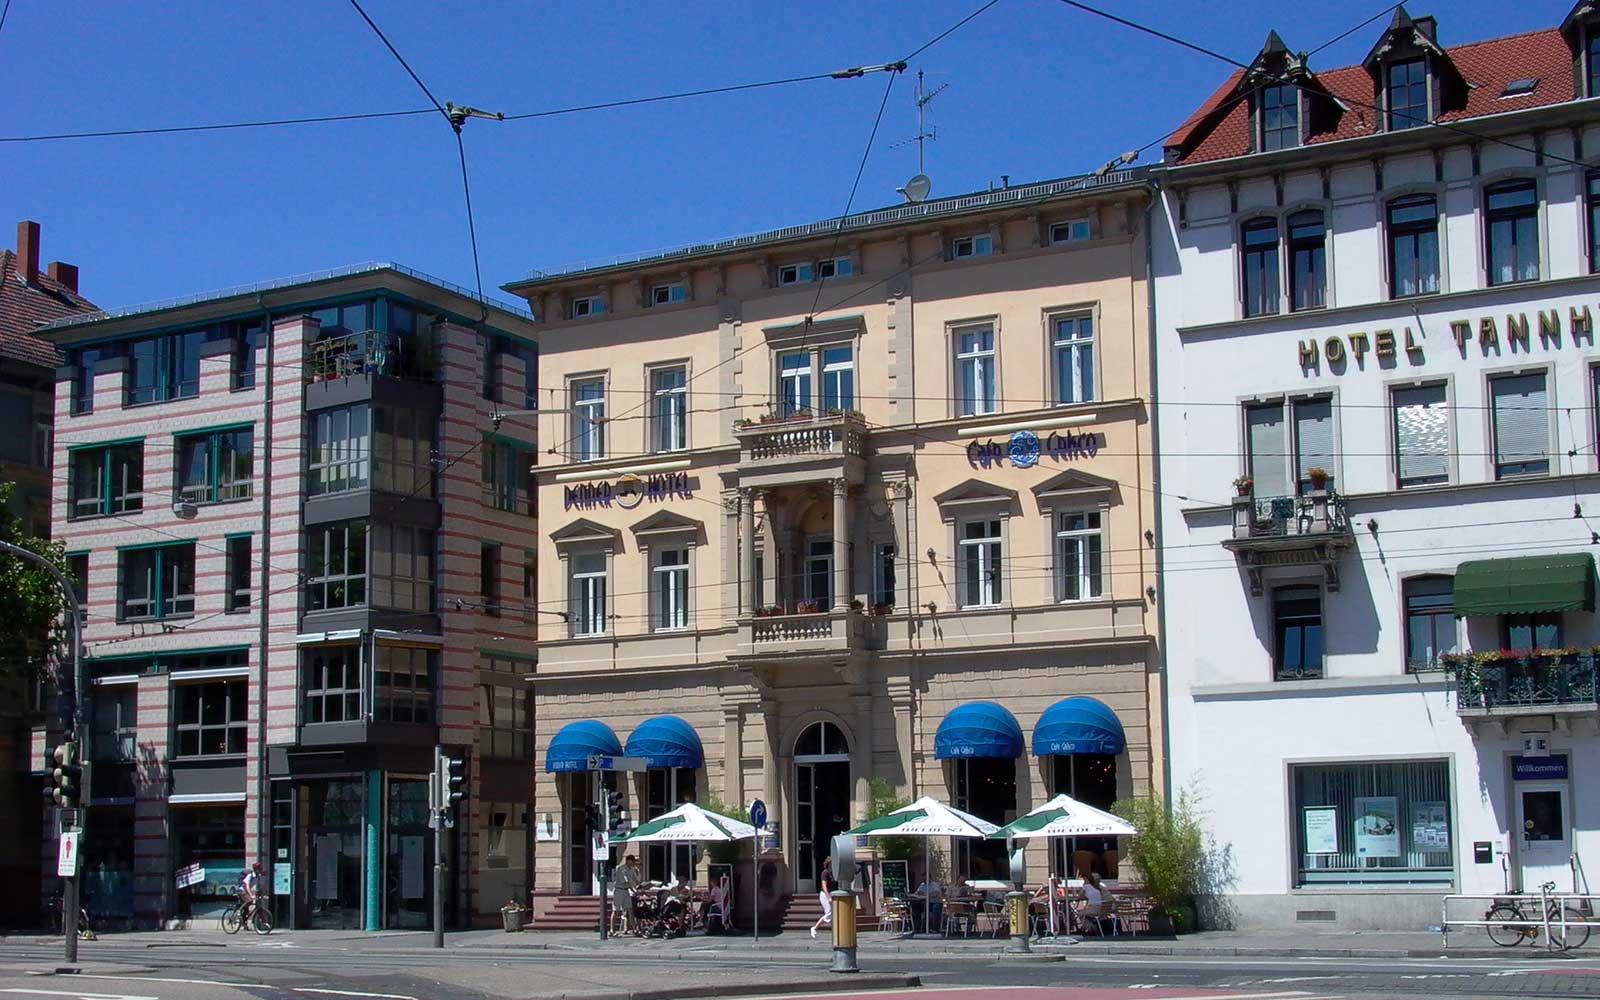 Hotel denner kochhan weckbach architekten heidelberg - Architekturburo heidelberg ...